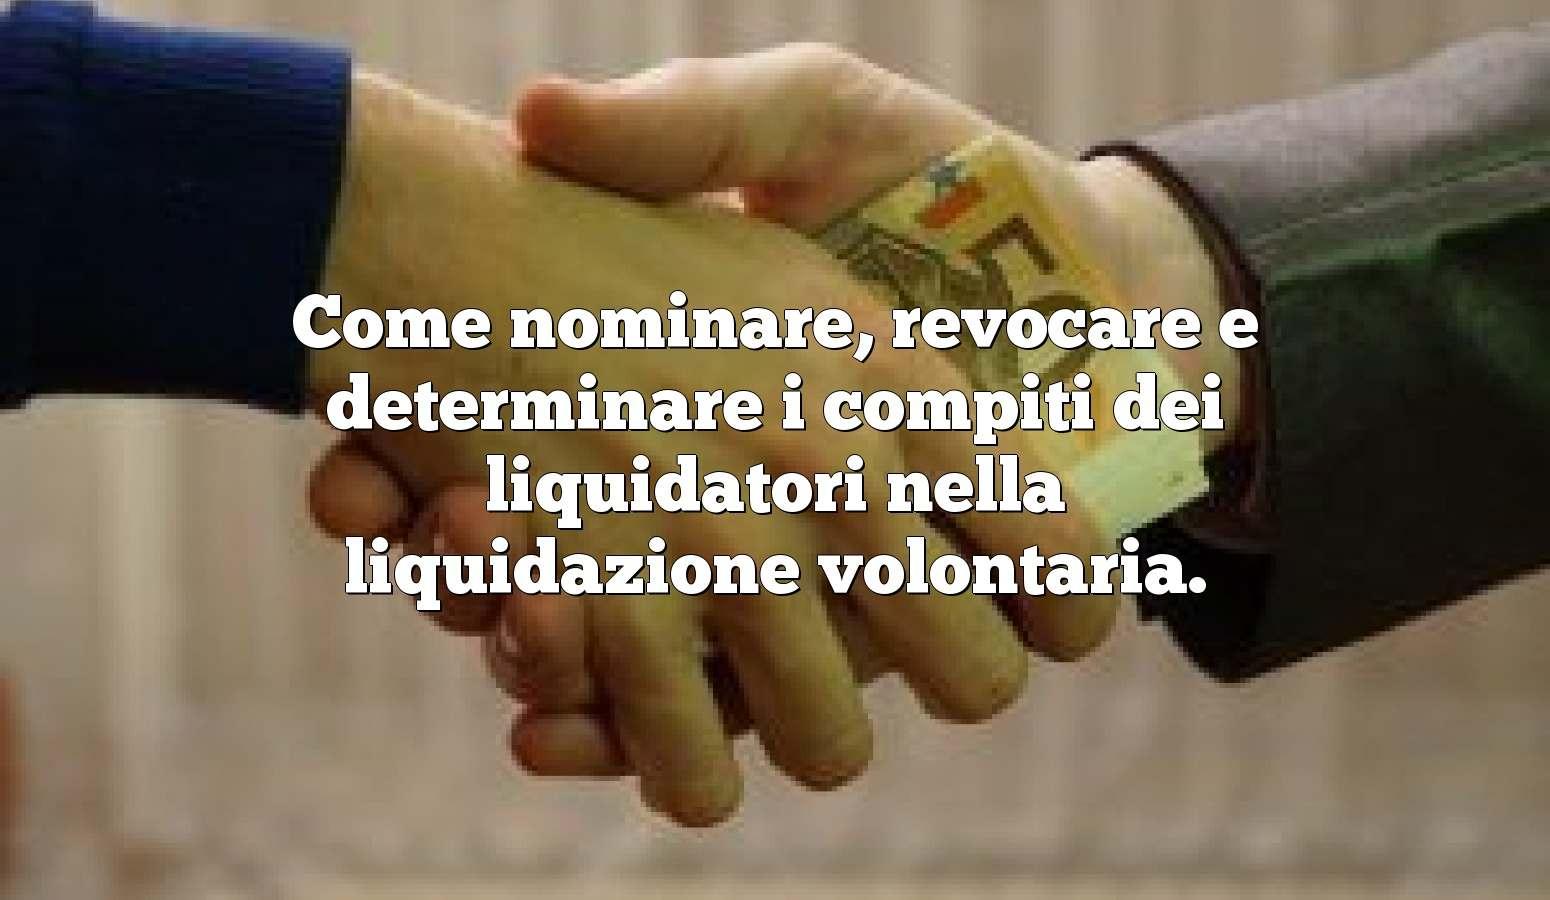 Come nominare, revocare e determinare i compiti dei liquidatori nella liquidazione volontaria.